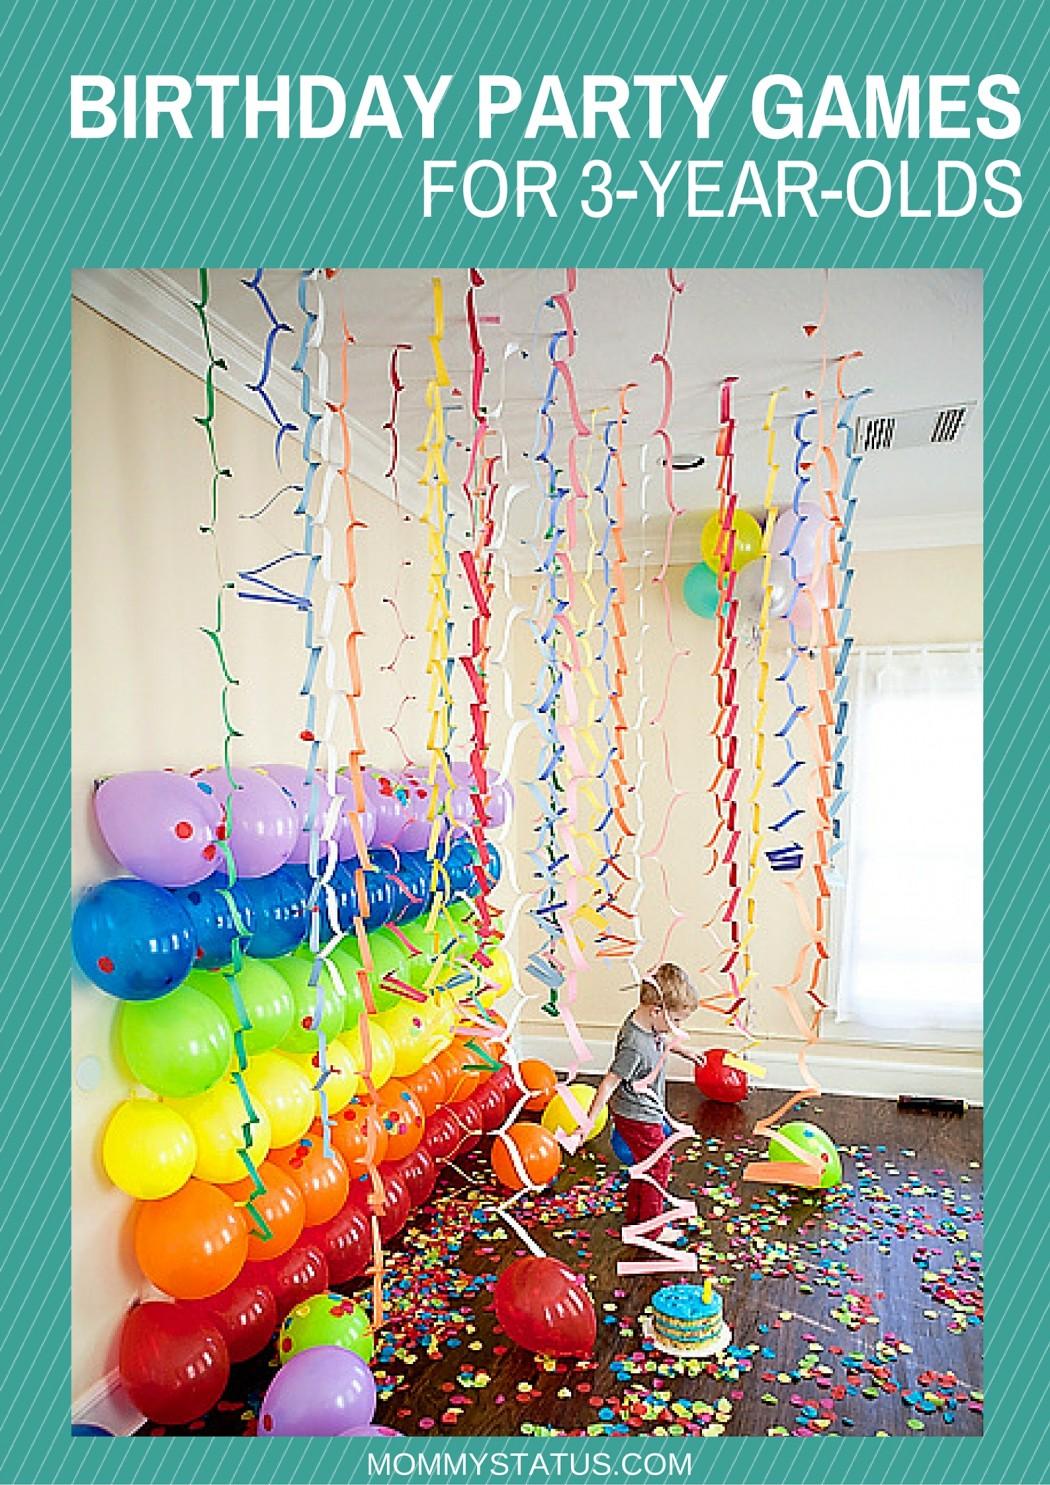 Украшение детской комнаты к дню рождения фото